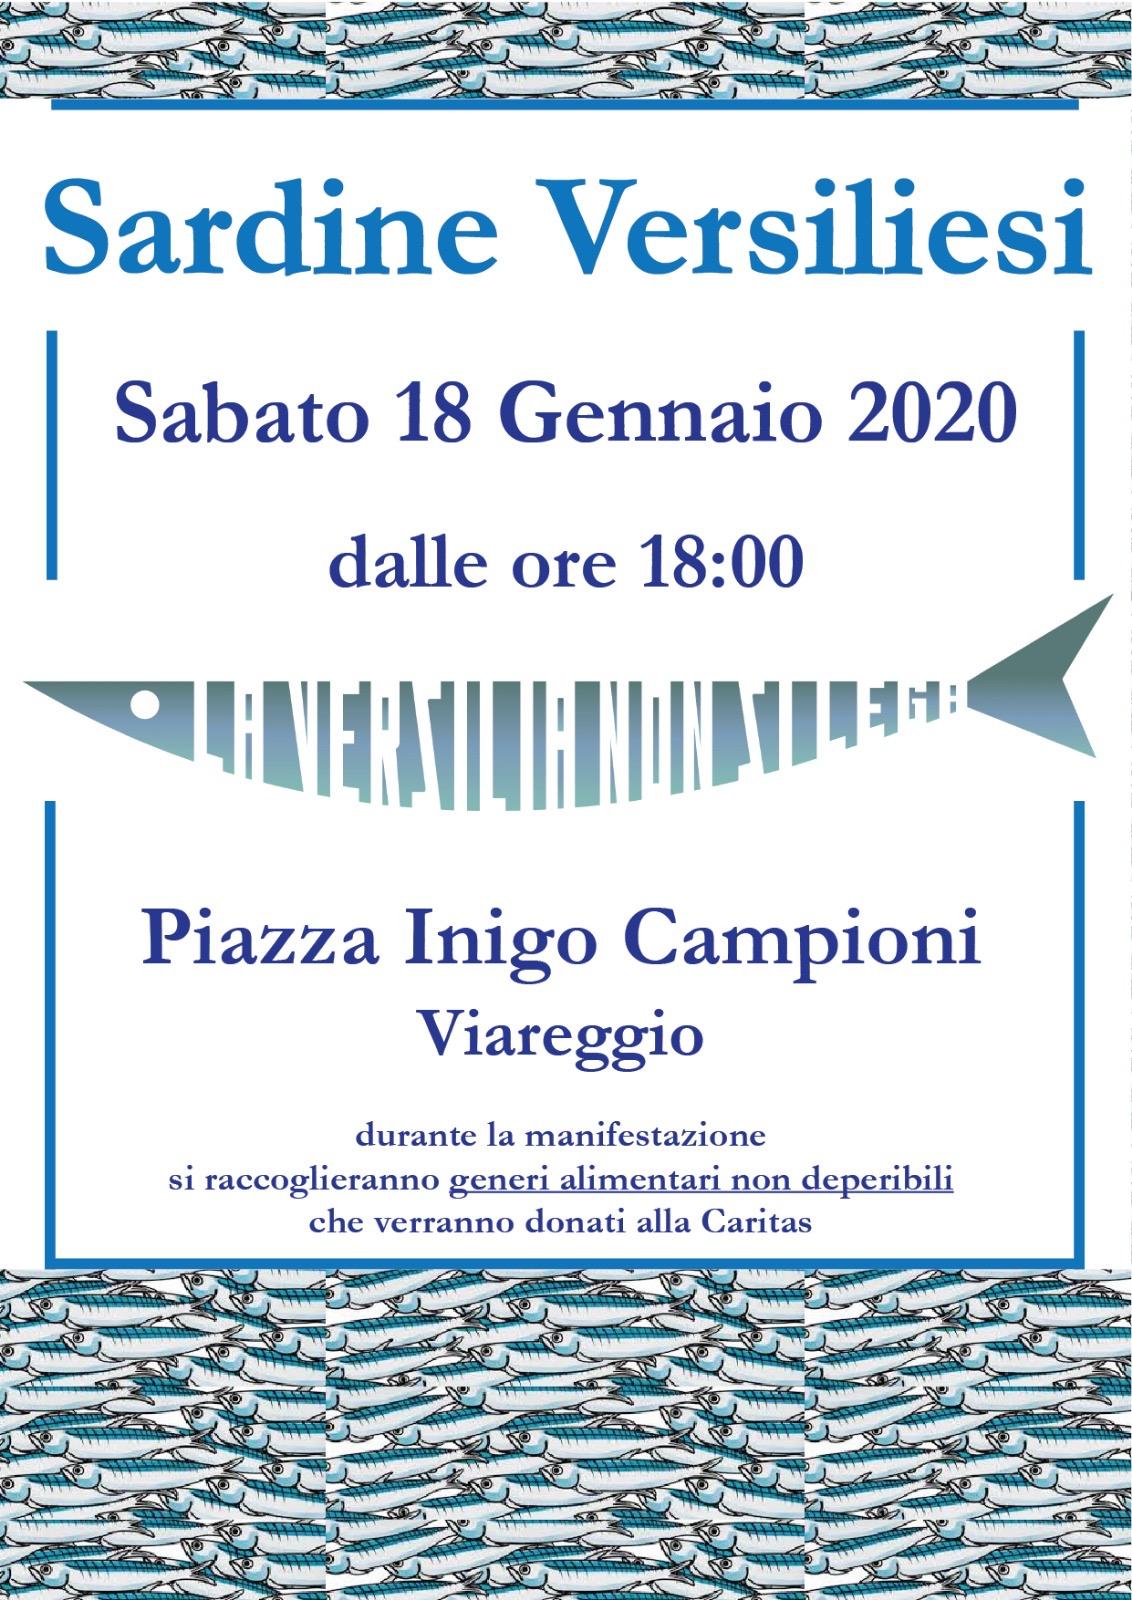 """""""Solidarietà, Accoglienza, Rispetto,Diritti, Inclusione, Nonviolenza, Antifascismo"""": Sardine in piazza Campioni"""